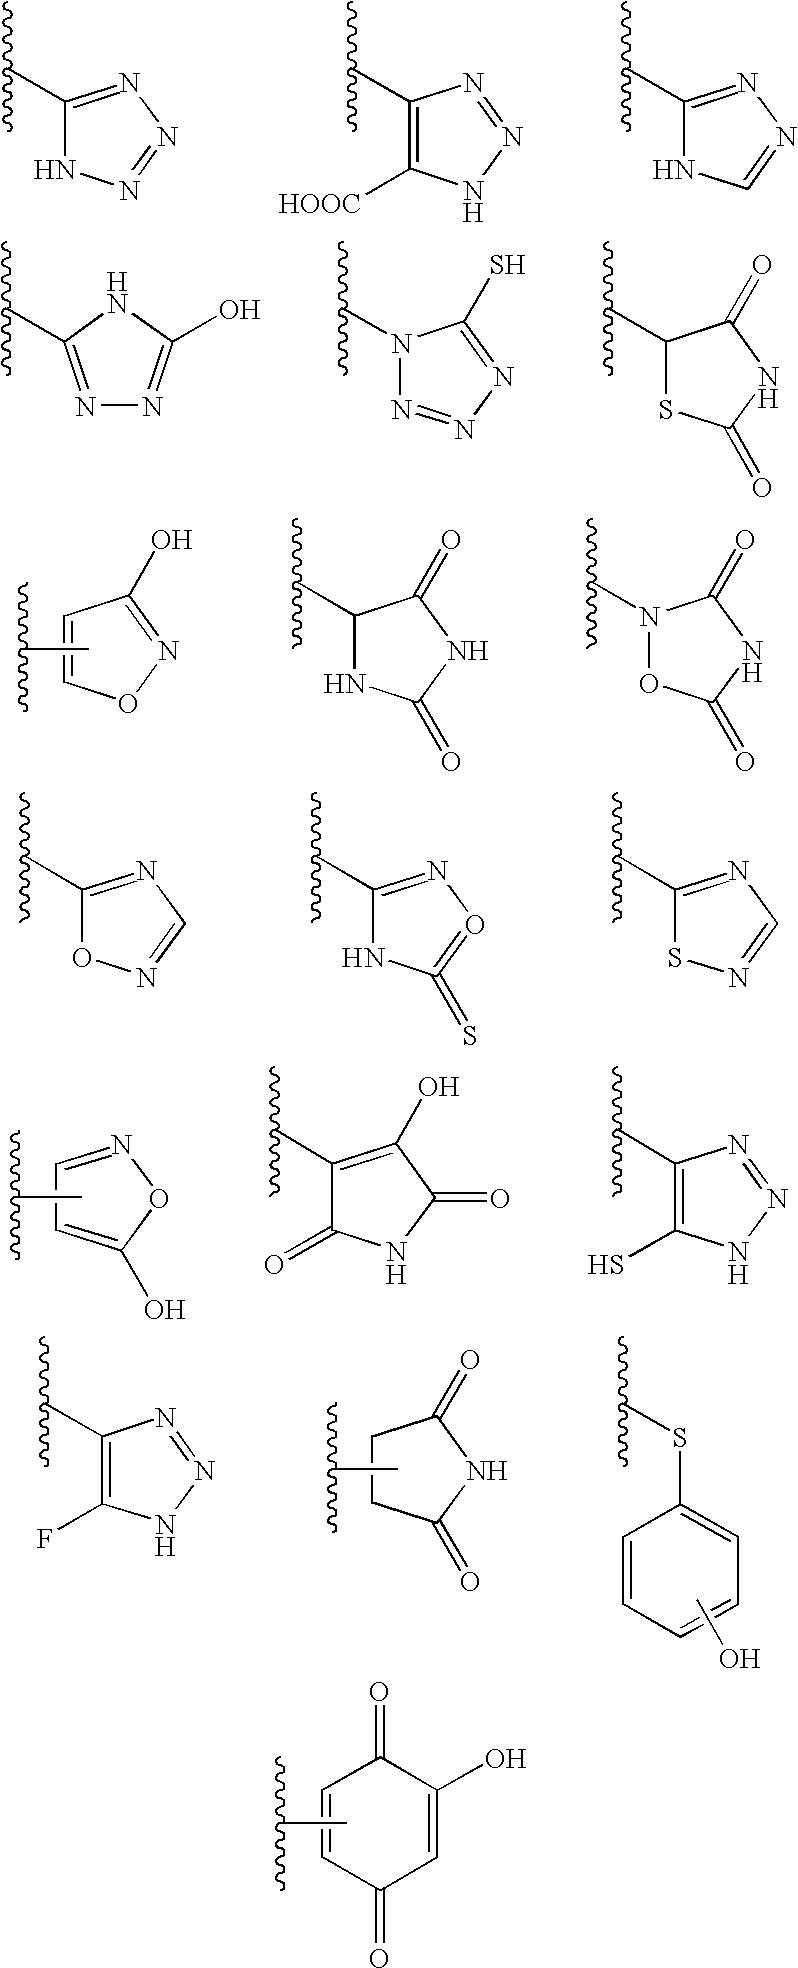 Figure US07253169-20070807-C00004